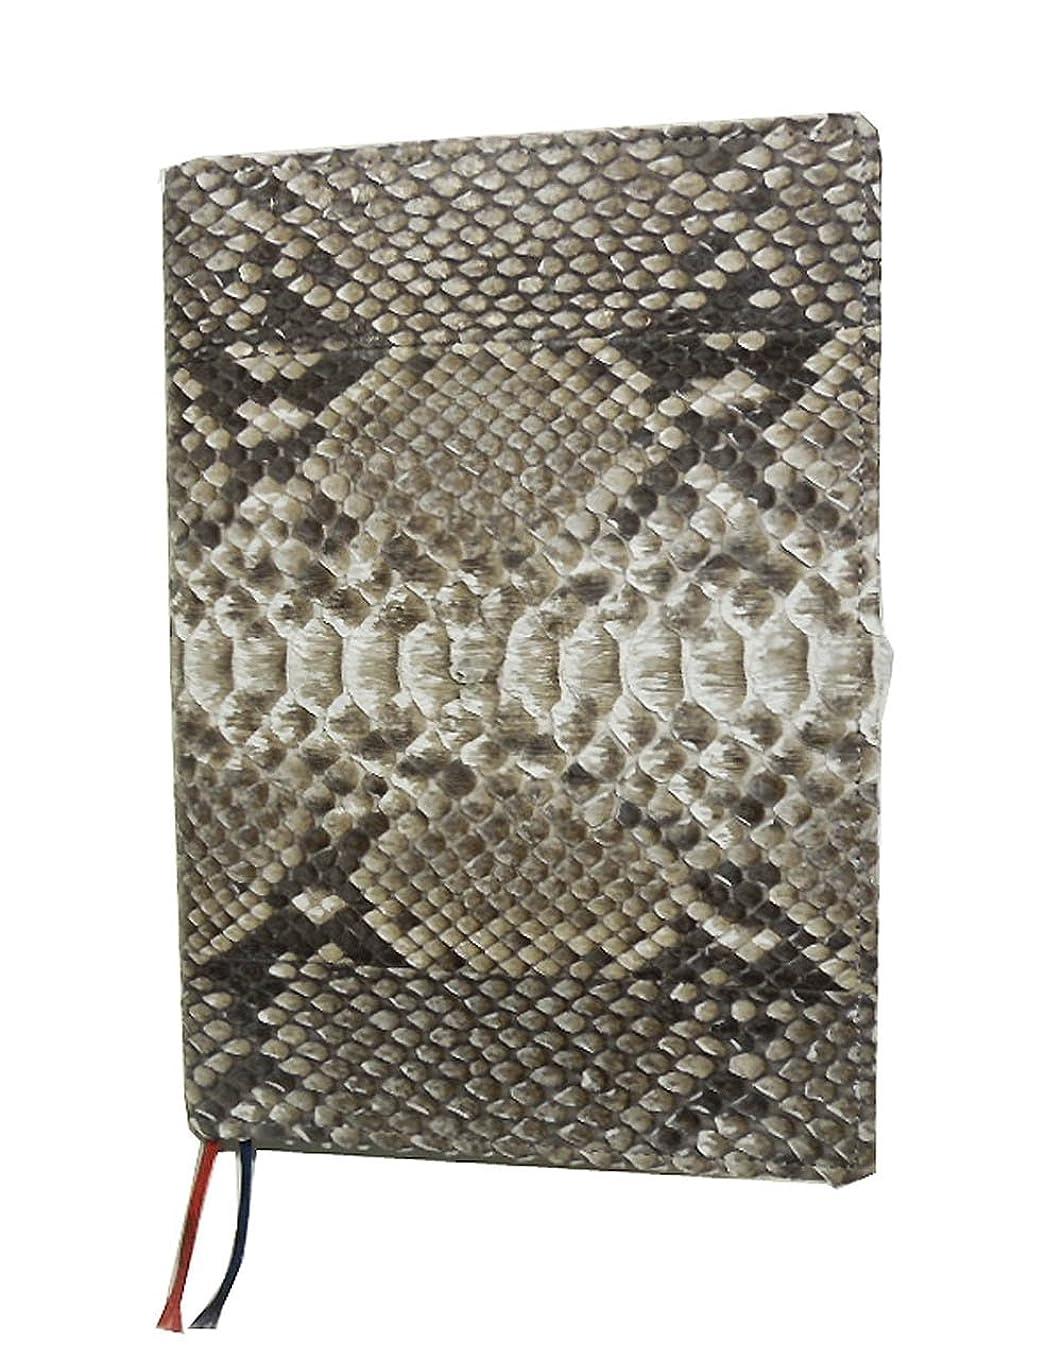 煩わしい中鰐DIARY COVER パイソン本革 年版ダイアリーカバー A5サイズ 蛇革 3color (Natural ナチュラル)